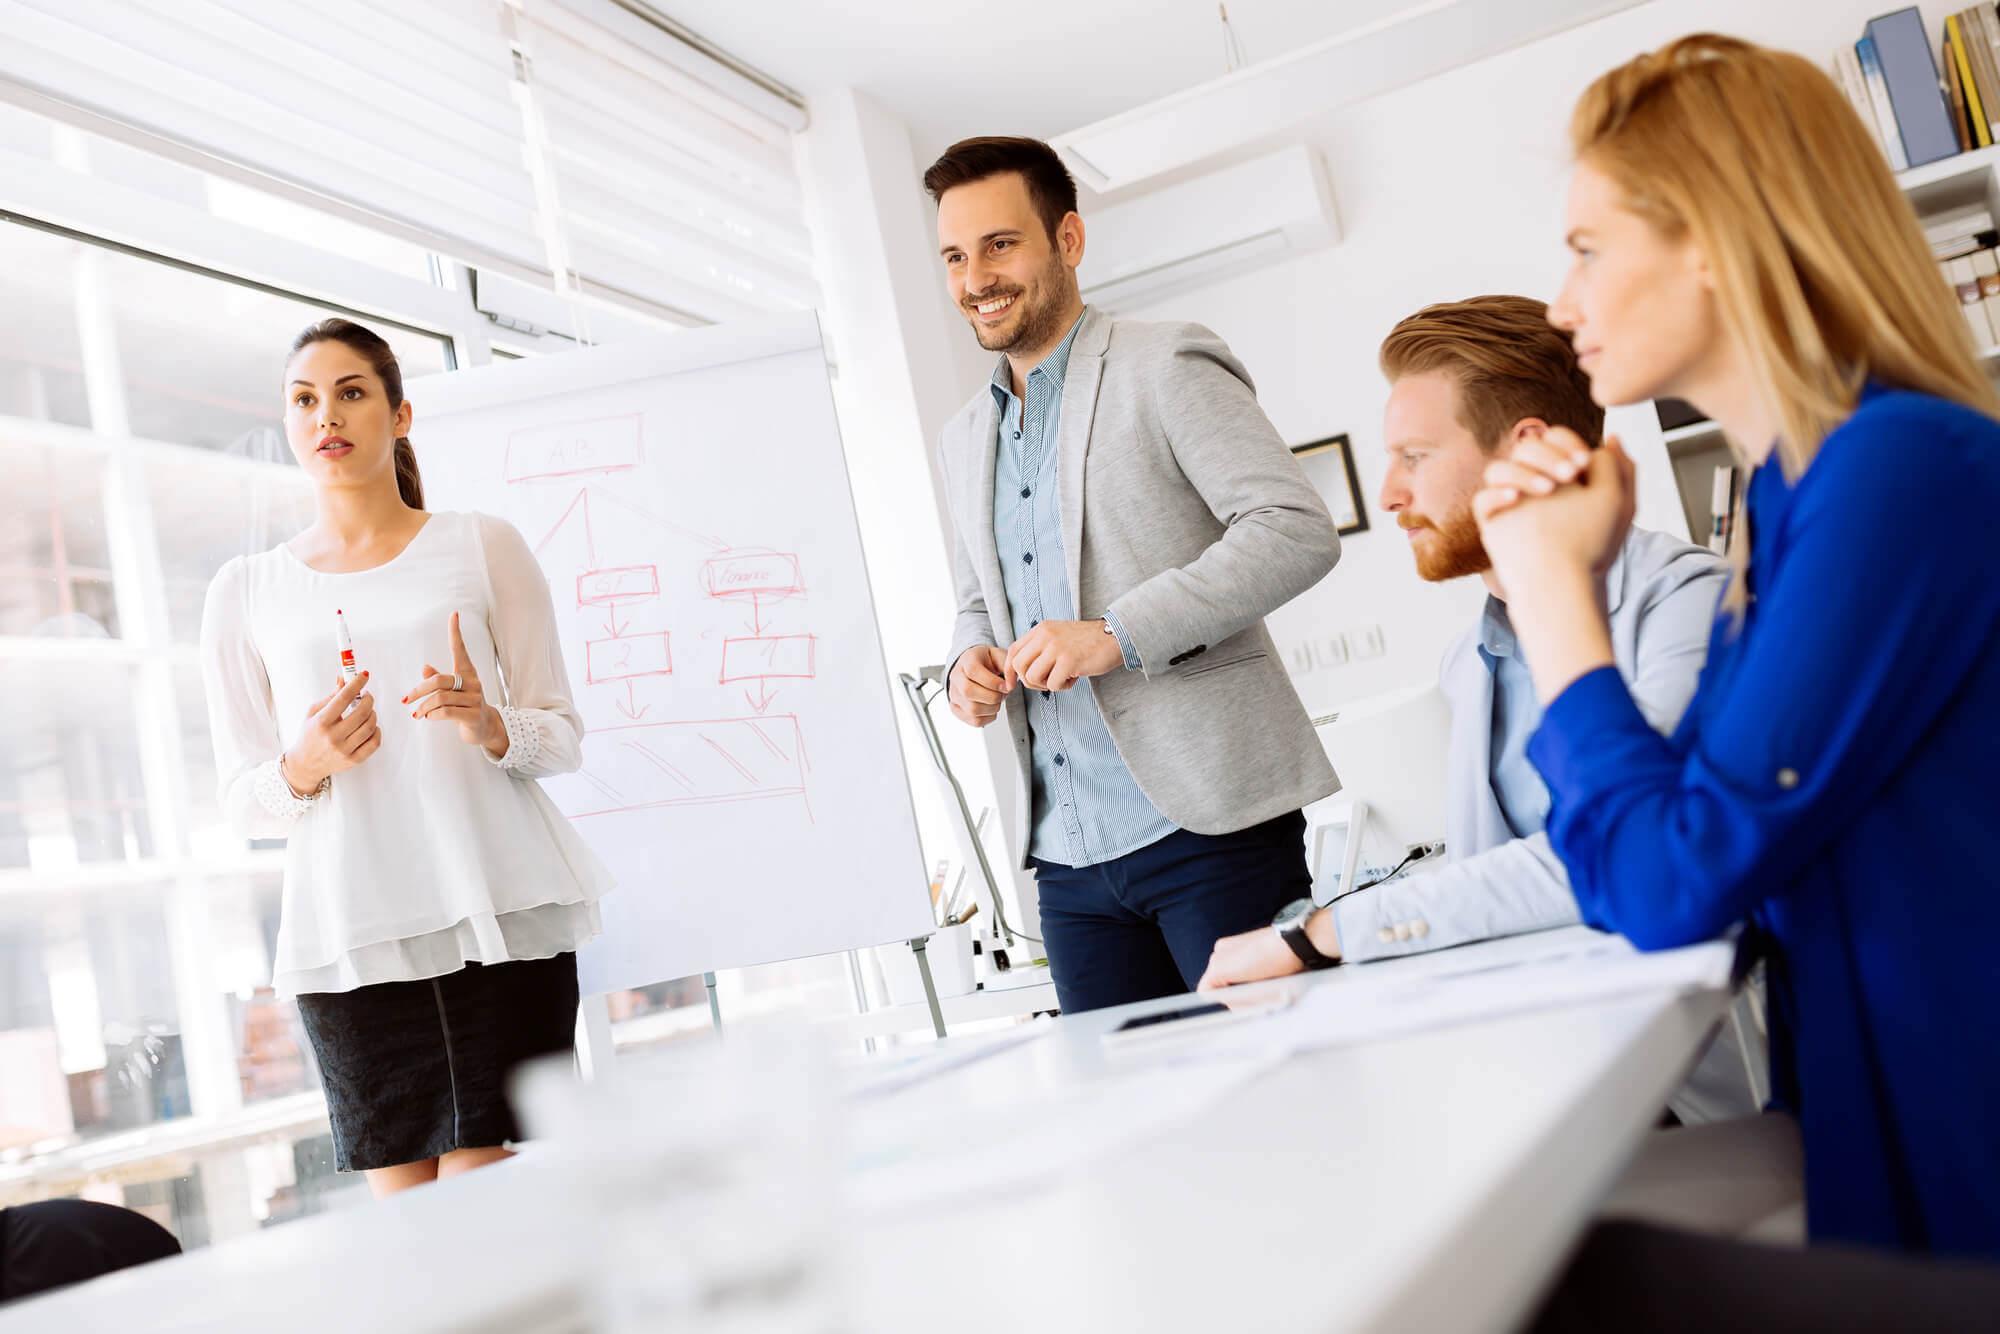 Regulamento interno: entenda a importância para sua empresa